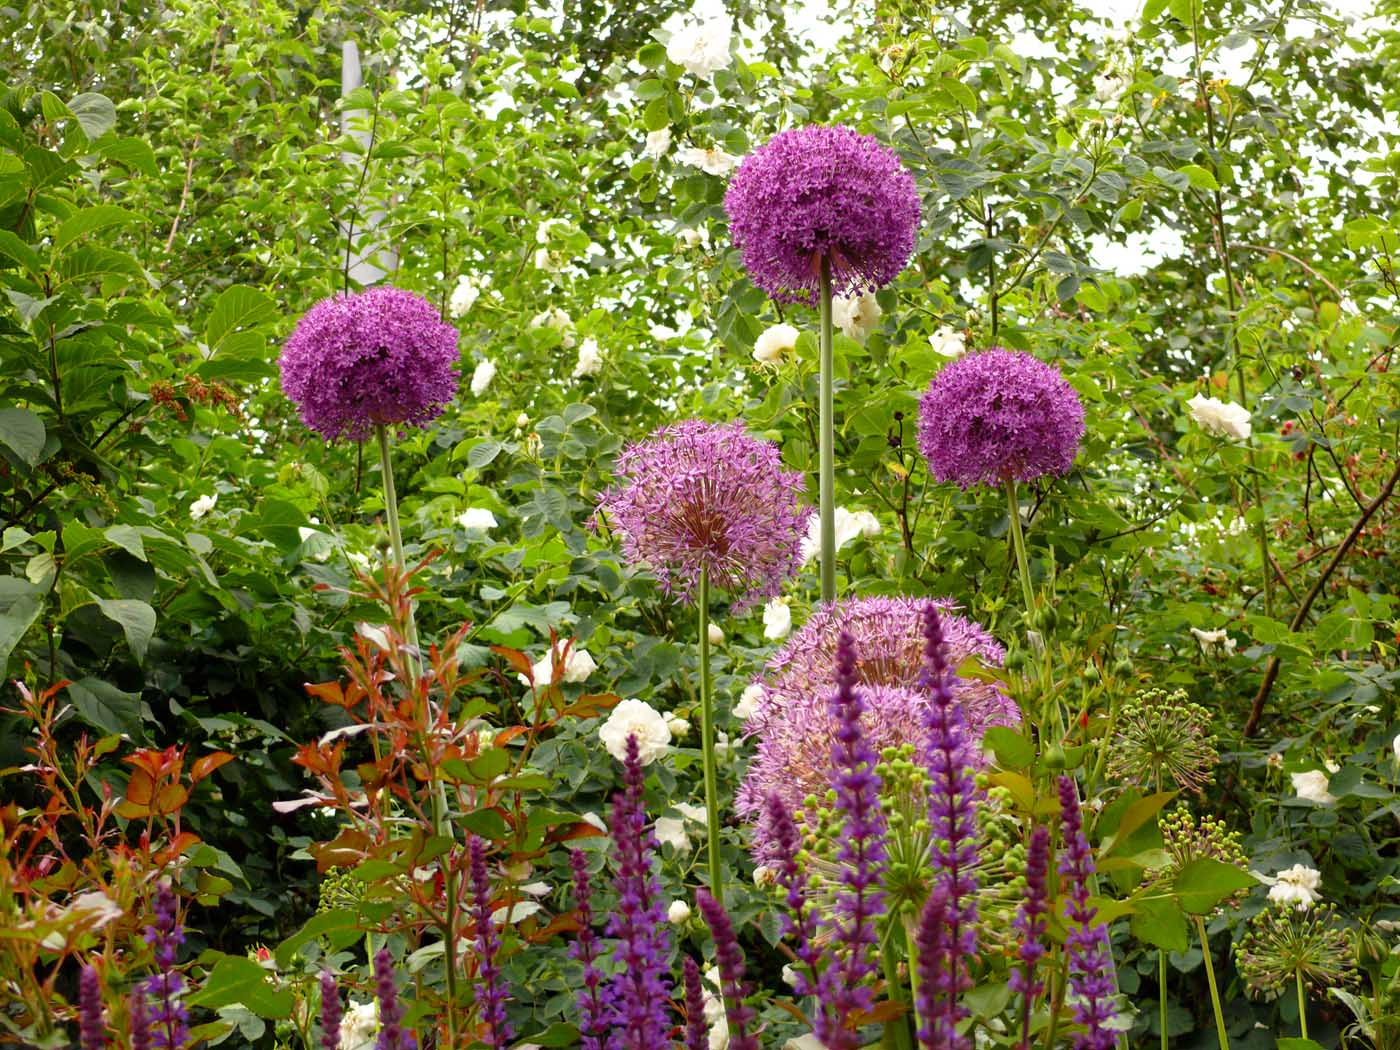 Pflanzen-Garten-Gestaltung - Gartengestaltung-Gartenbau-Reischl ...